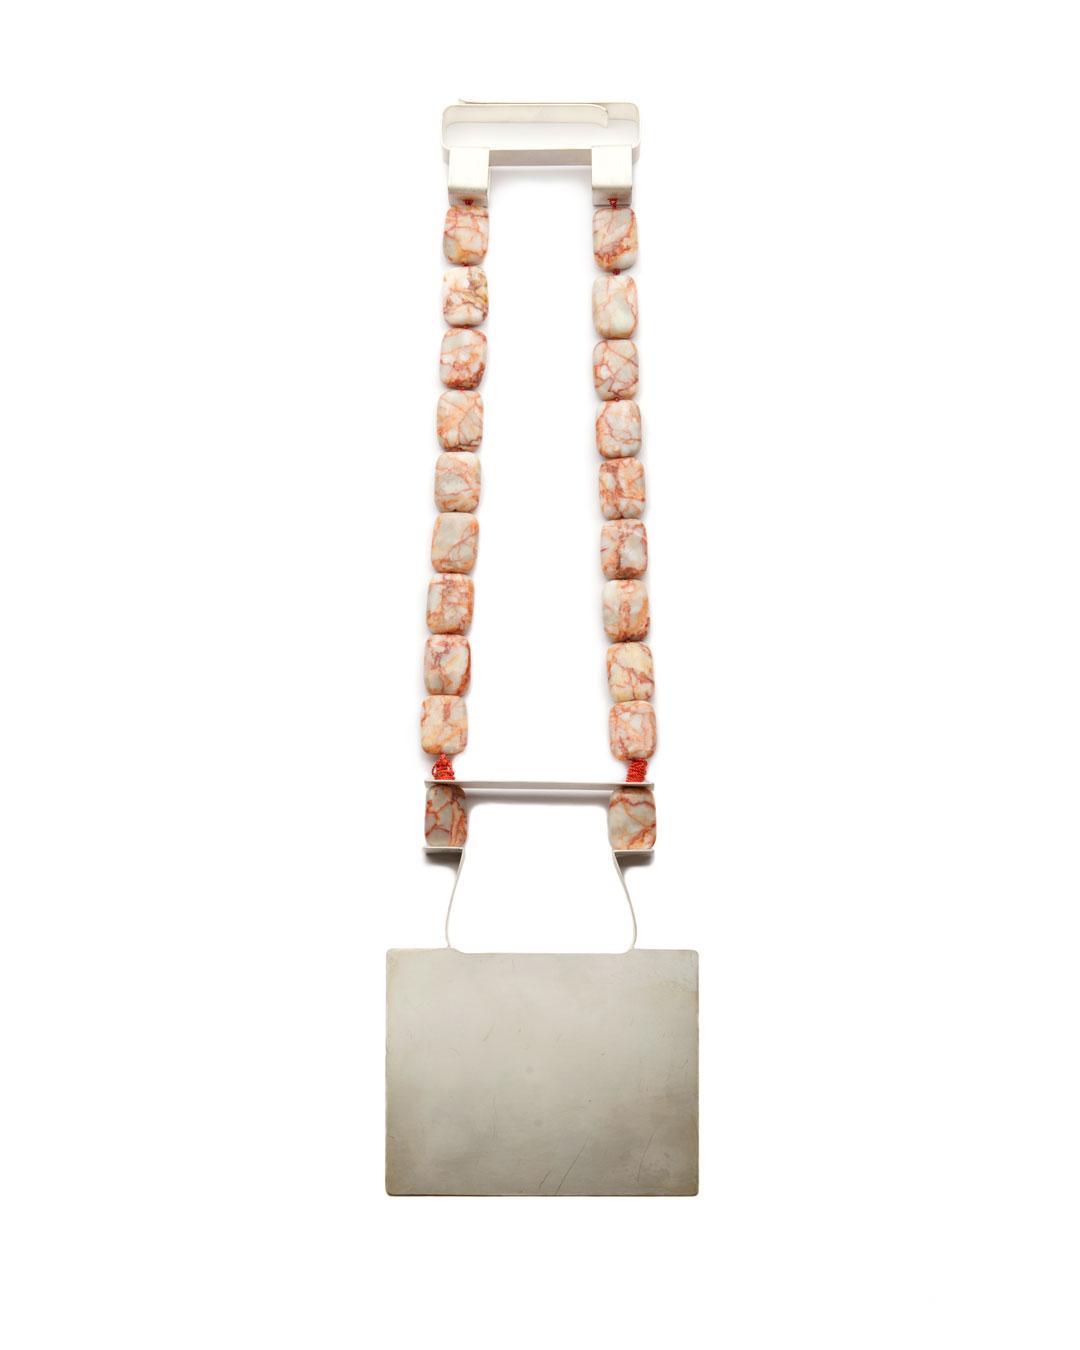 Ute Eitzenhöfer, untitled, 2014, necklace; silver, jasper, 350 x 100 x 10 mm, €2250